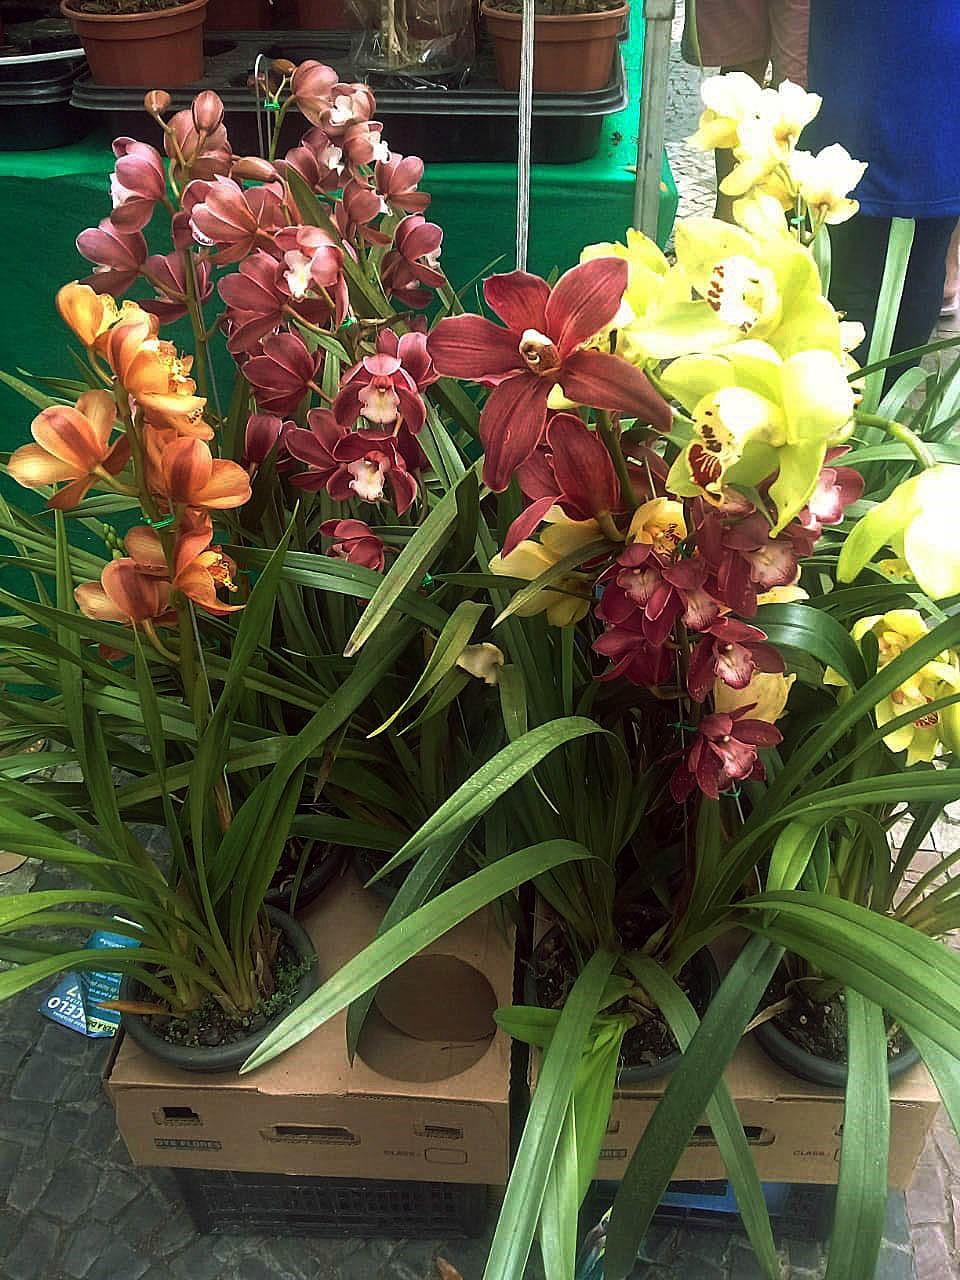 Exposição de orquídeas deixa Barra Mansa mais florida a partir de quinta-feira - Notícias - Plantão Diário